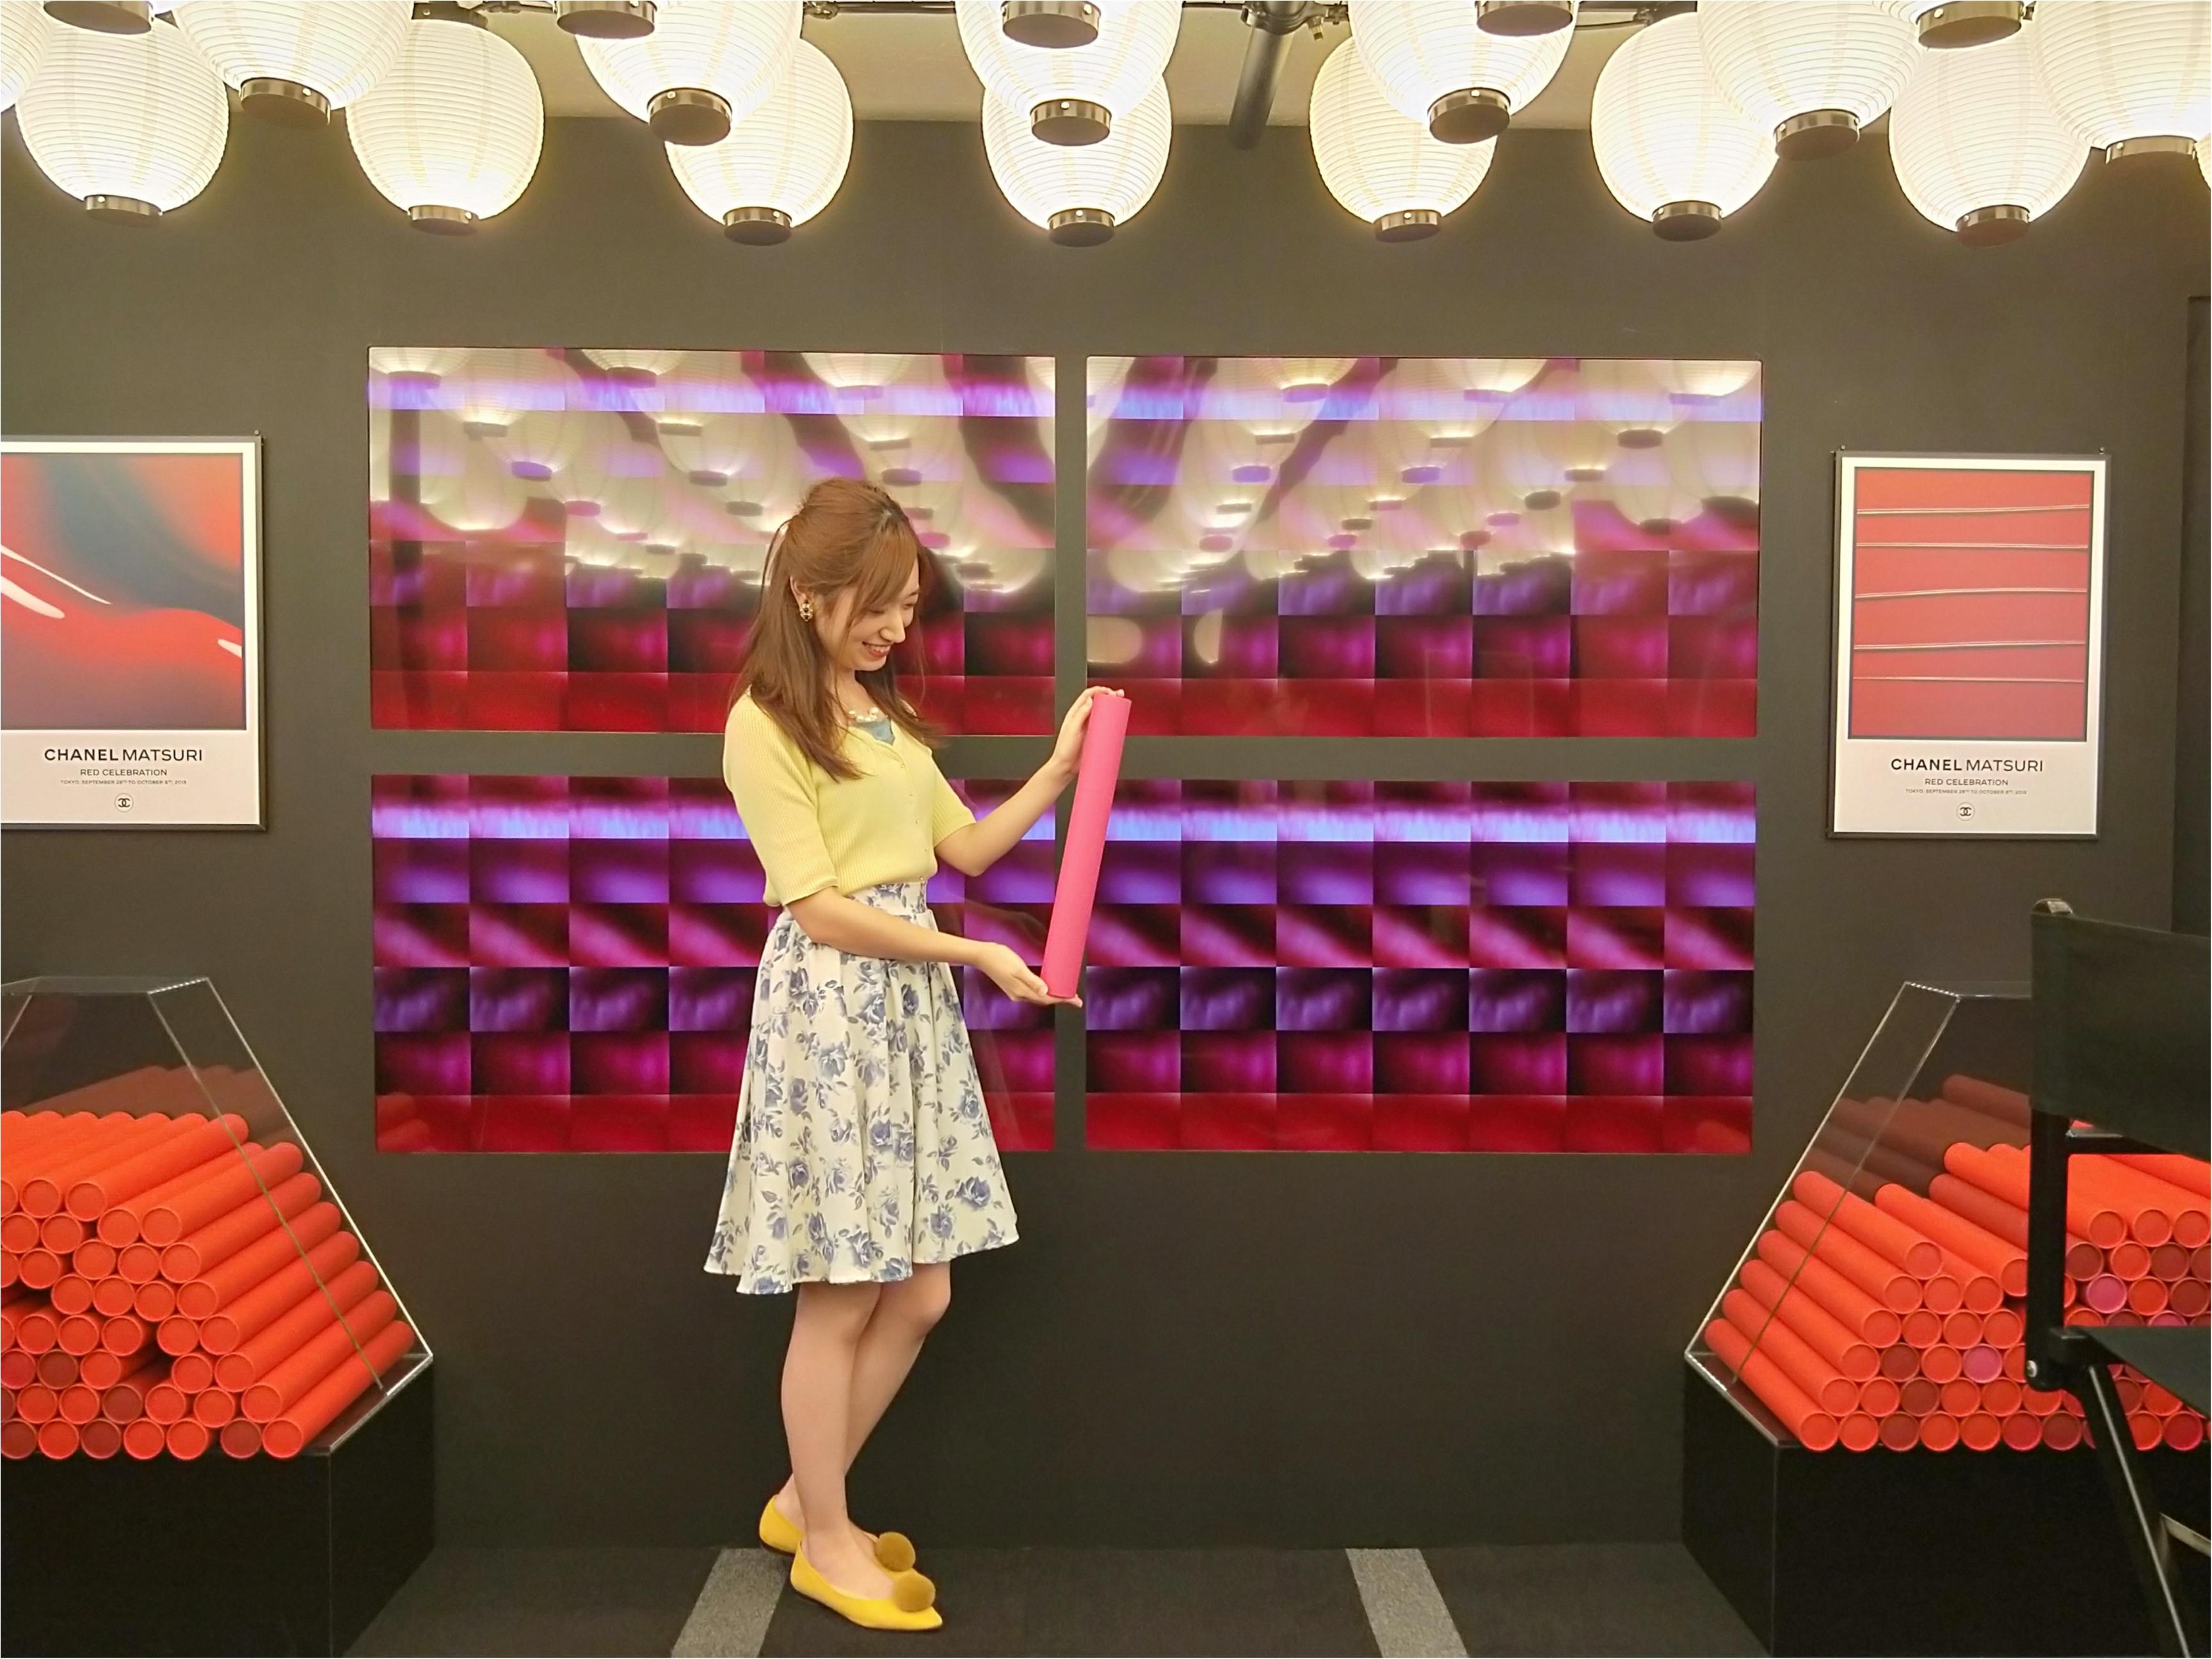 東京・京都・広島で開催!CHANEL MATSURIで新作ルージュや特別限定品アイシャドウをメークアップ体験してきました♡_10